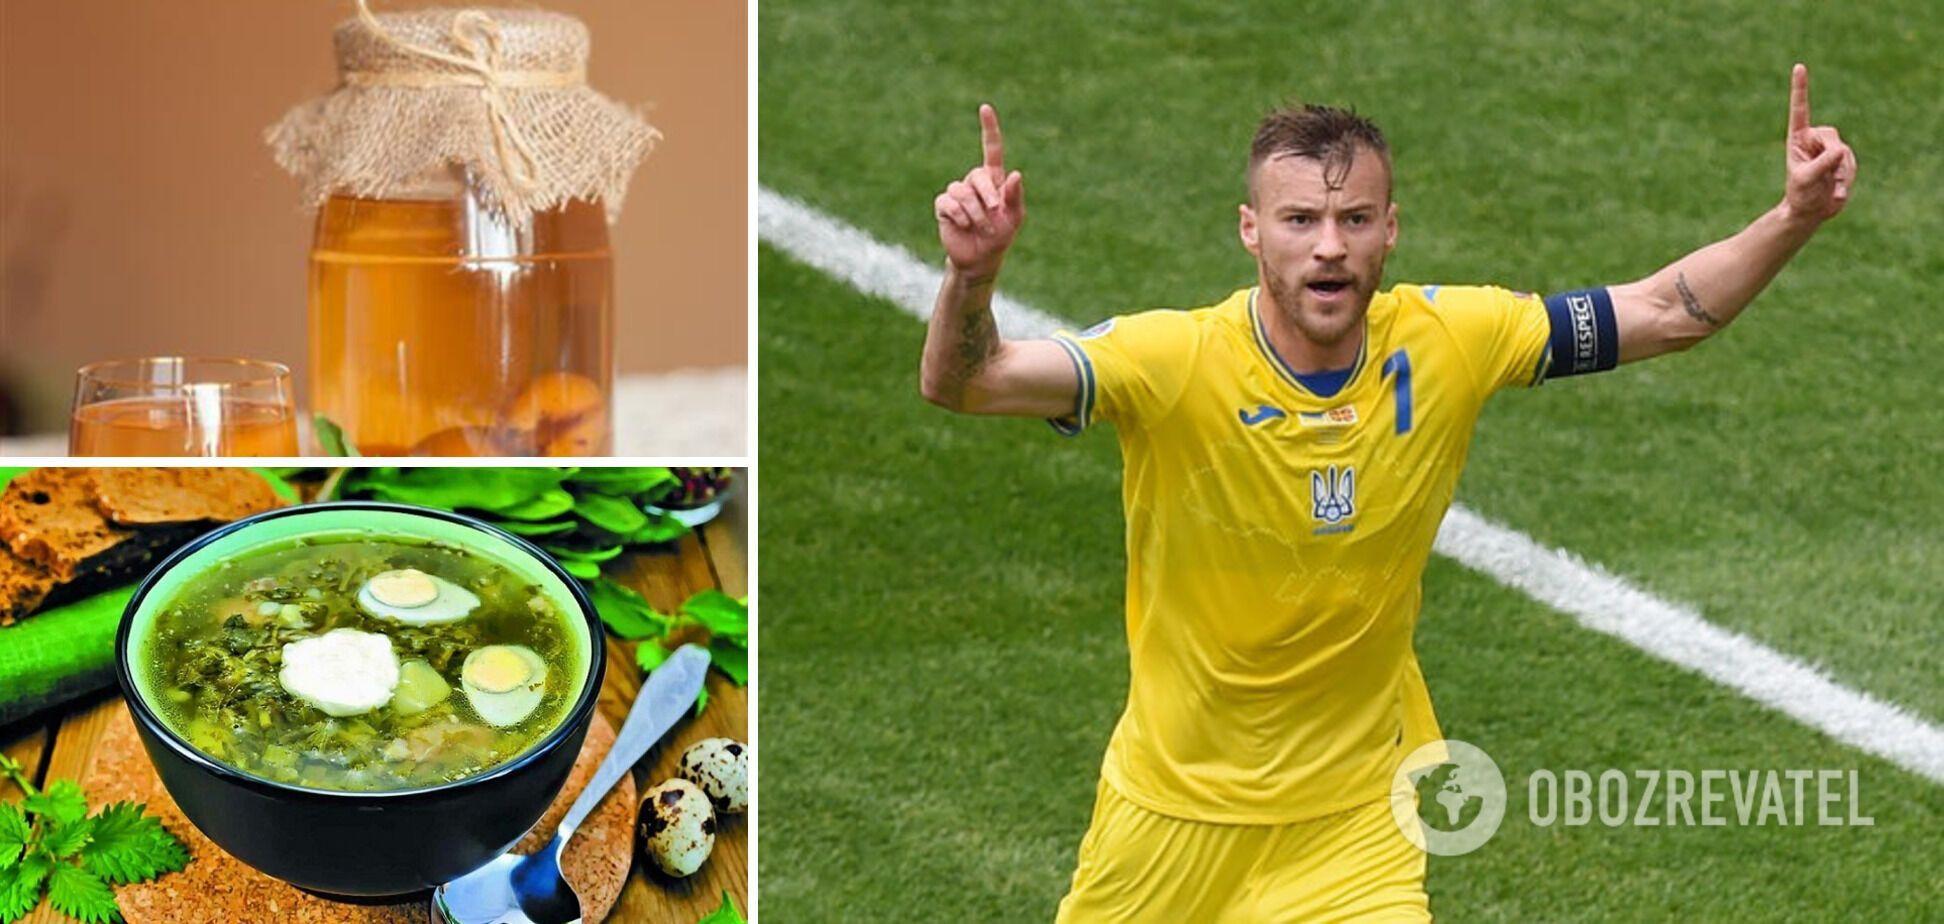 Любимые блюда Андрея Ярмоленко – компот из абрикосов и щавелевый борщ